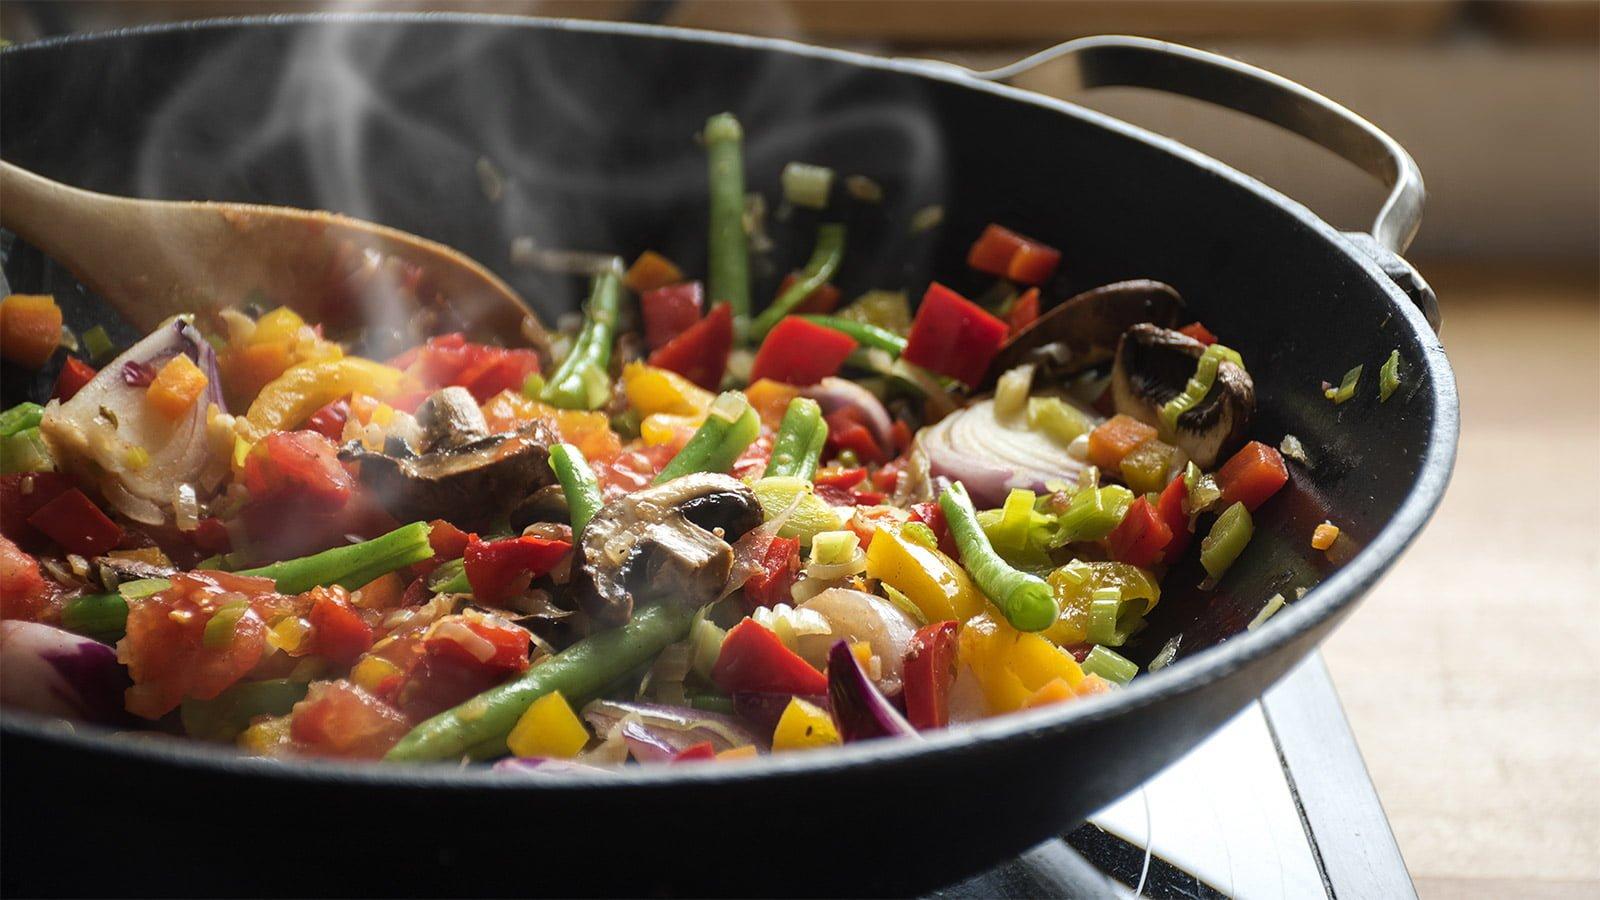 meilleure façon cuire aliments